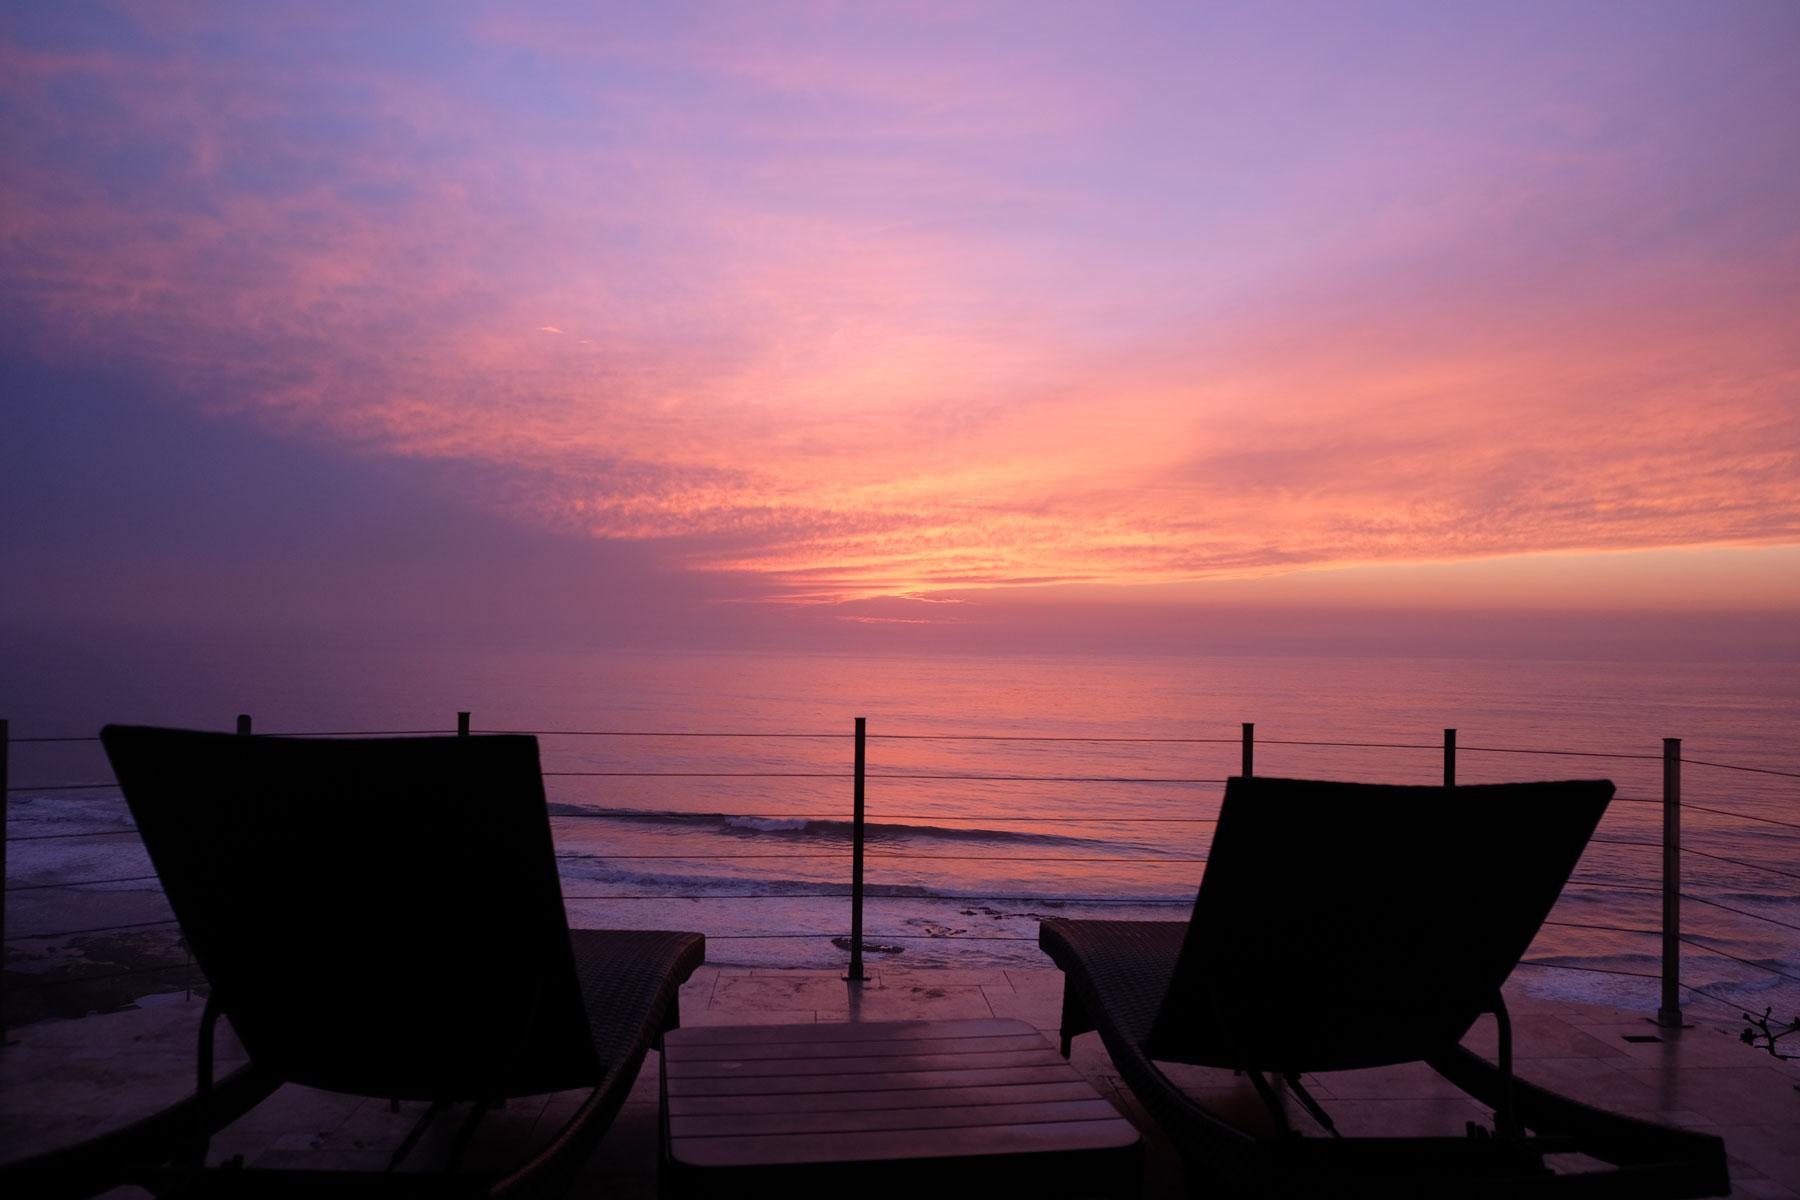 Der Himmel färbt sich lila, im Vordergrund stehen die beiden Liegestühle unserer Terasse